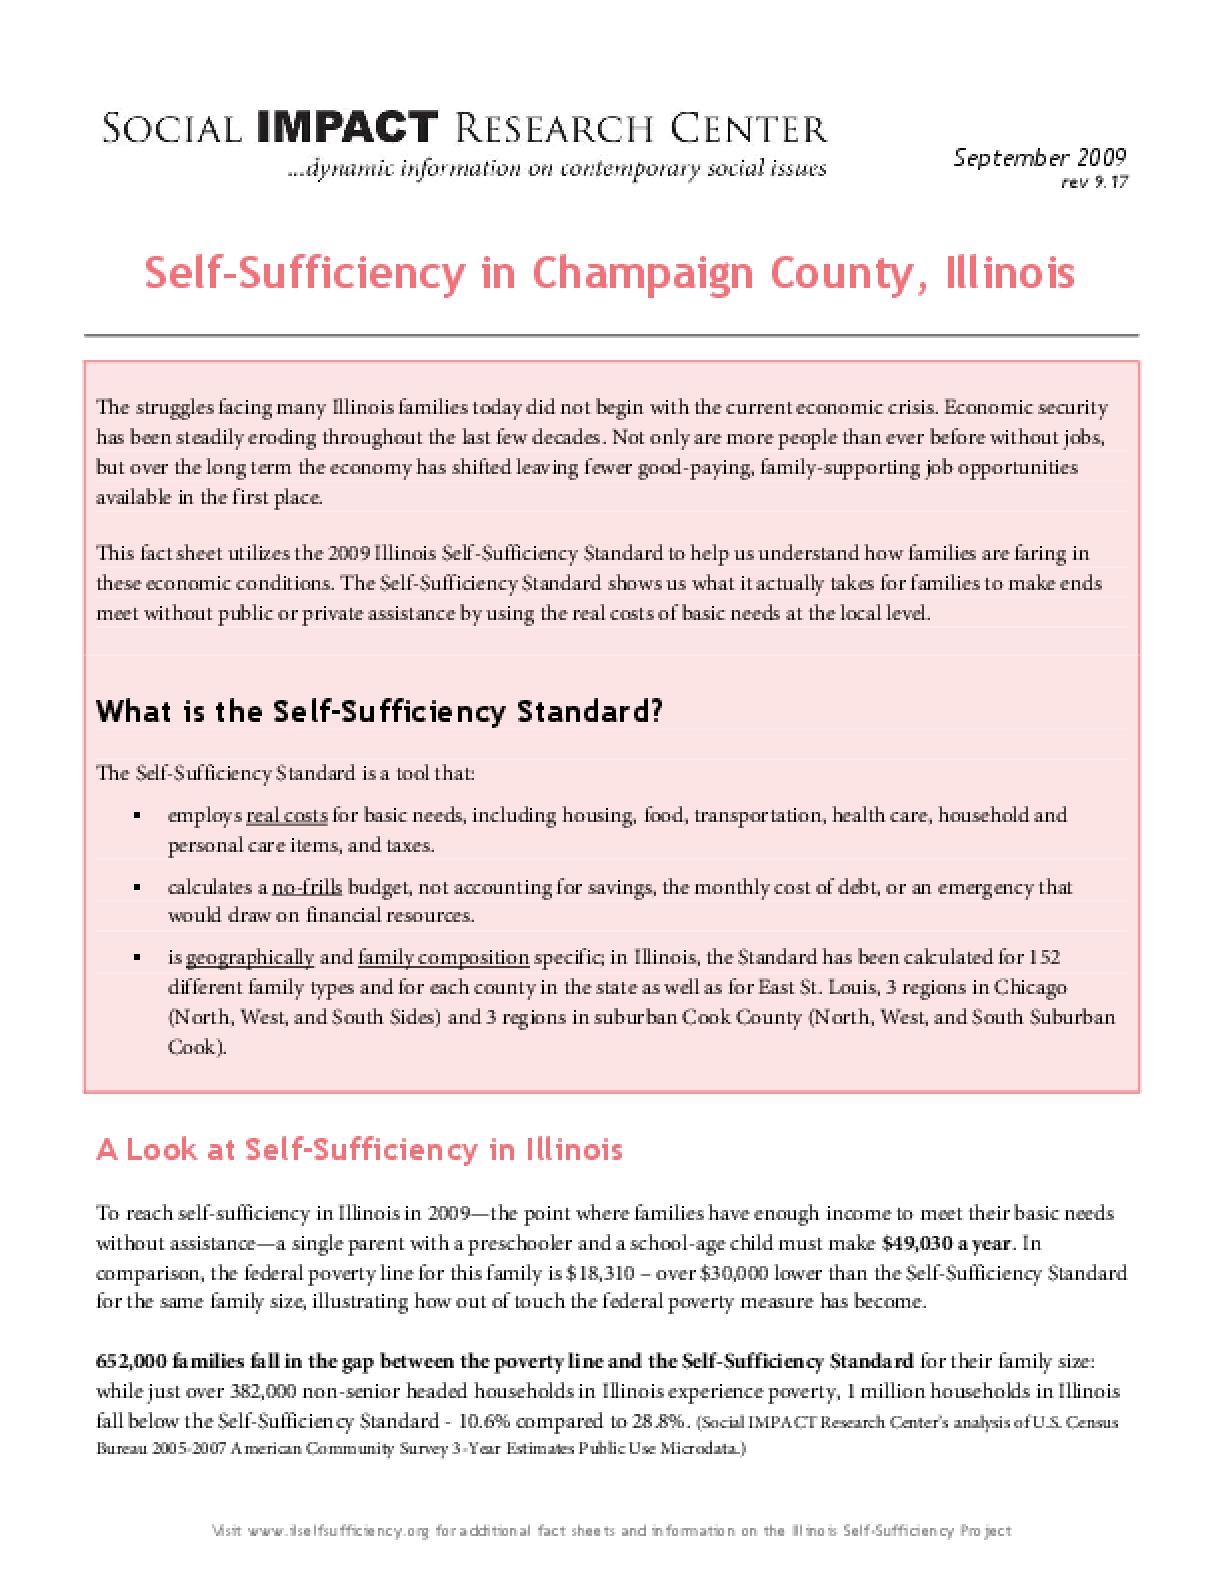 Self-Sufficiency in Champaign County, Illinois